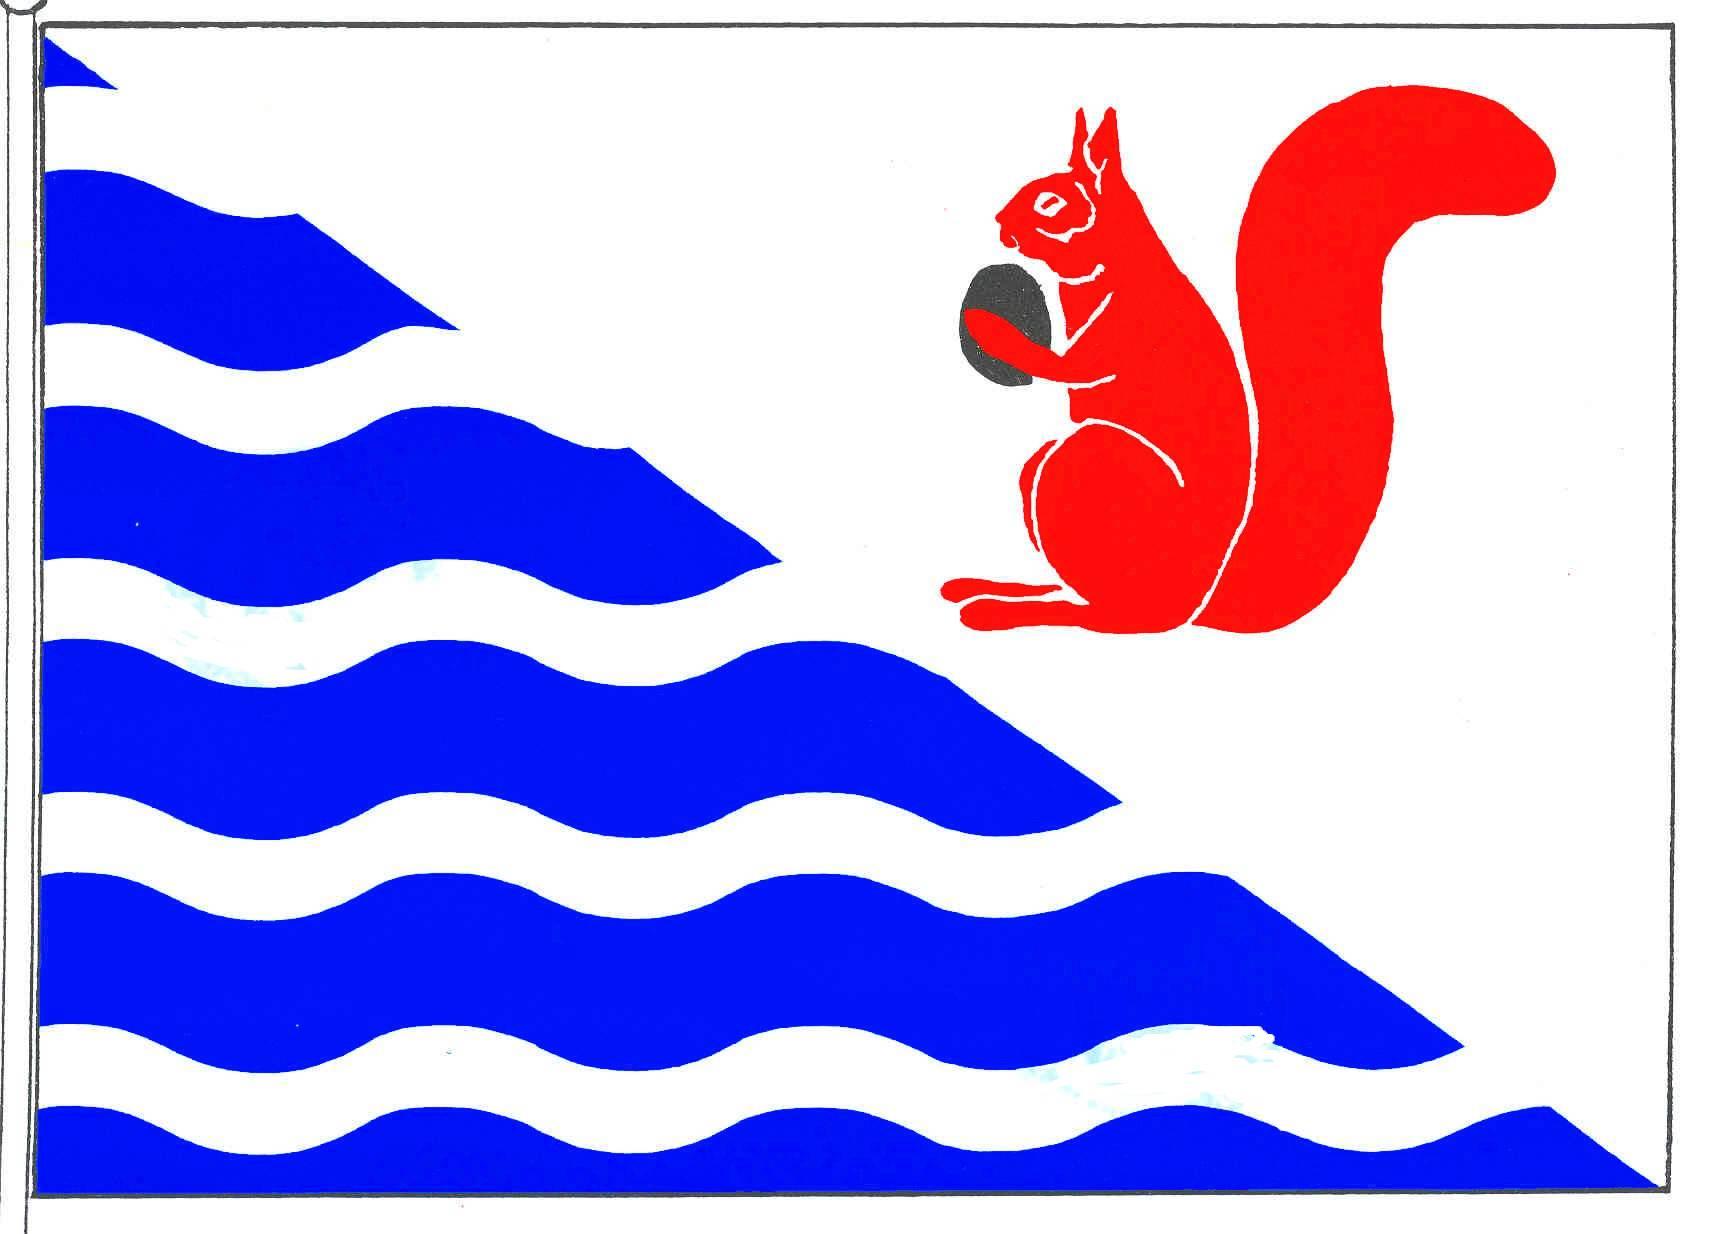 Flagge GemeindeWestensee, Kreis Rendsburg-Eckernförde